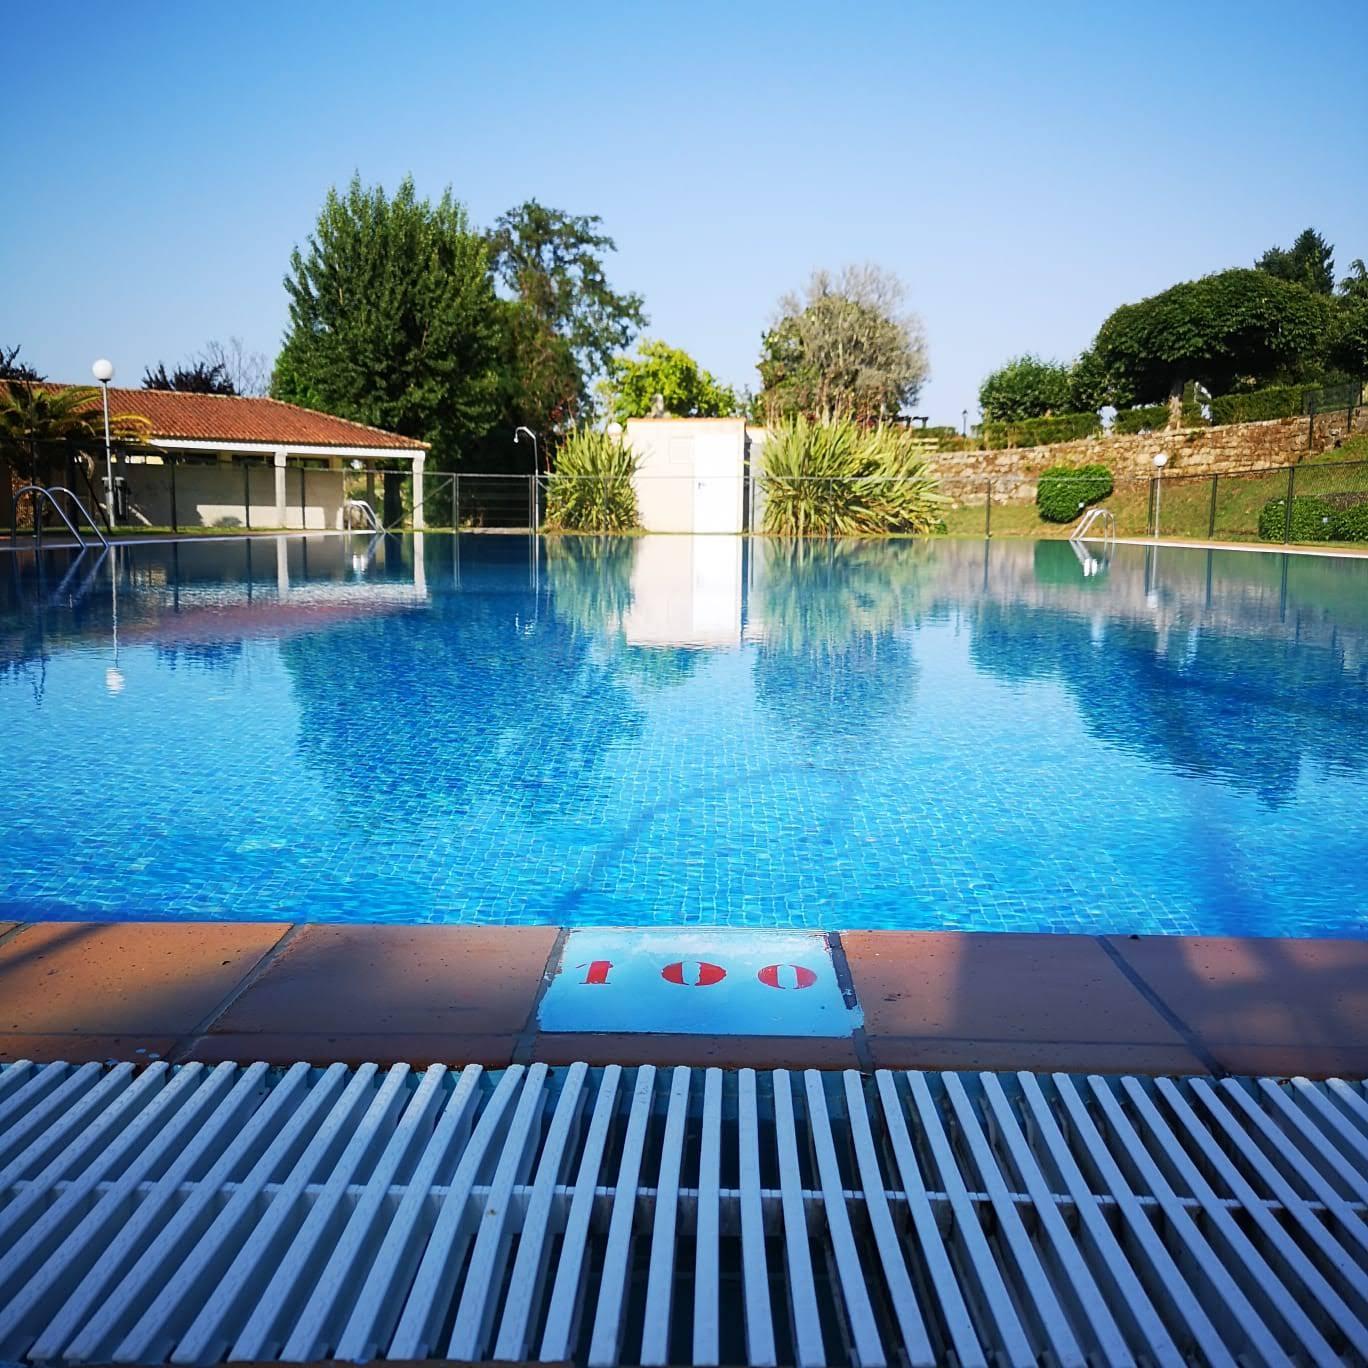 Tui, Salceda, Salvaterra e Mondariz non abrirán as piscinas este verán